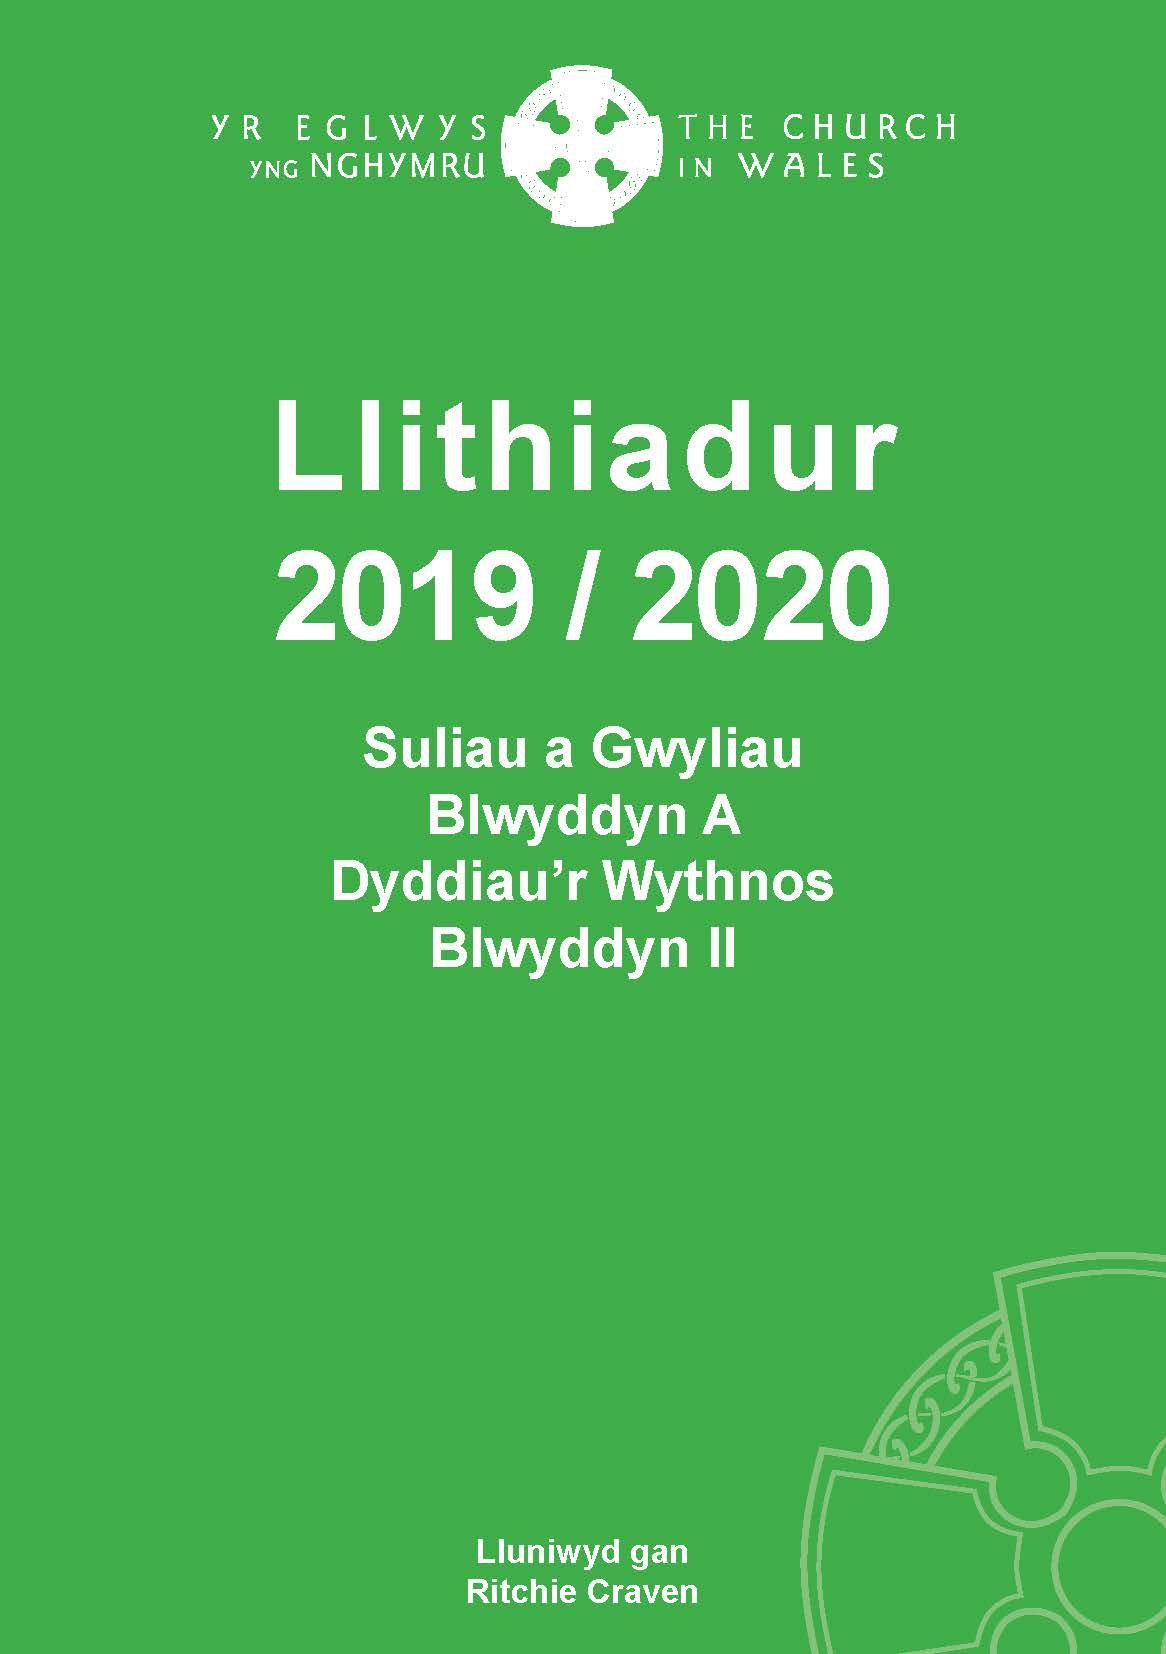 Llithiadur - Blwyddyn A - Dyddiau'r Wythnos II - 2019-2020